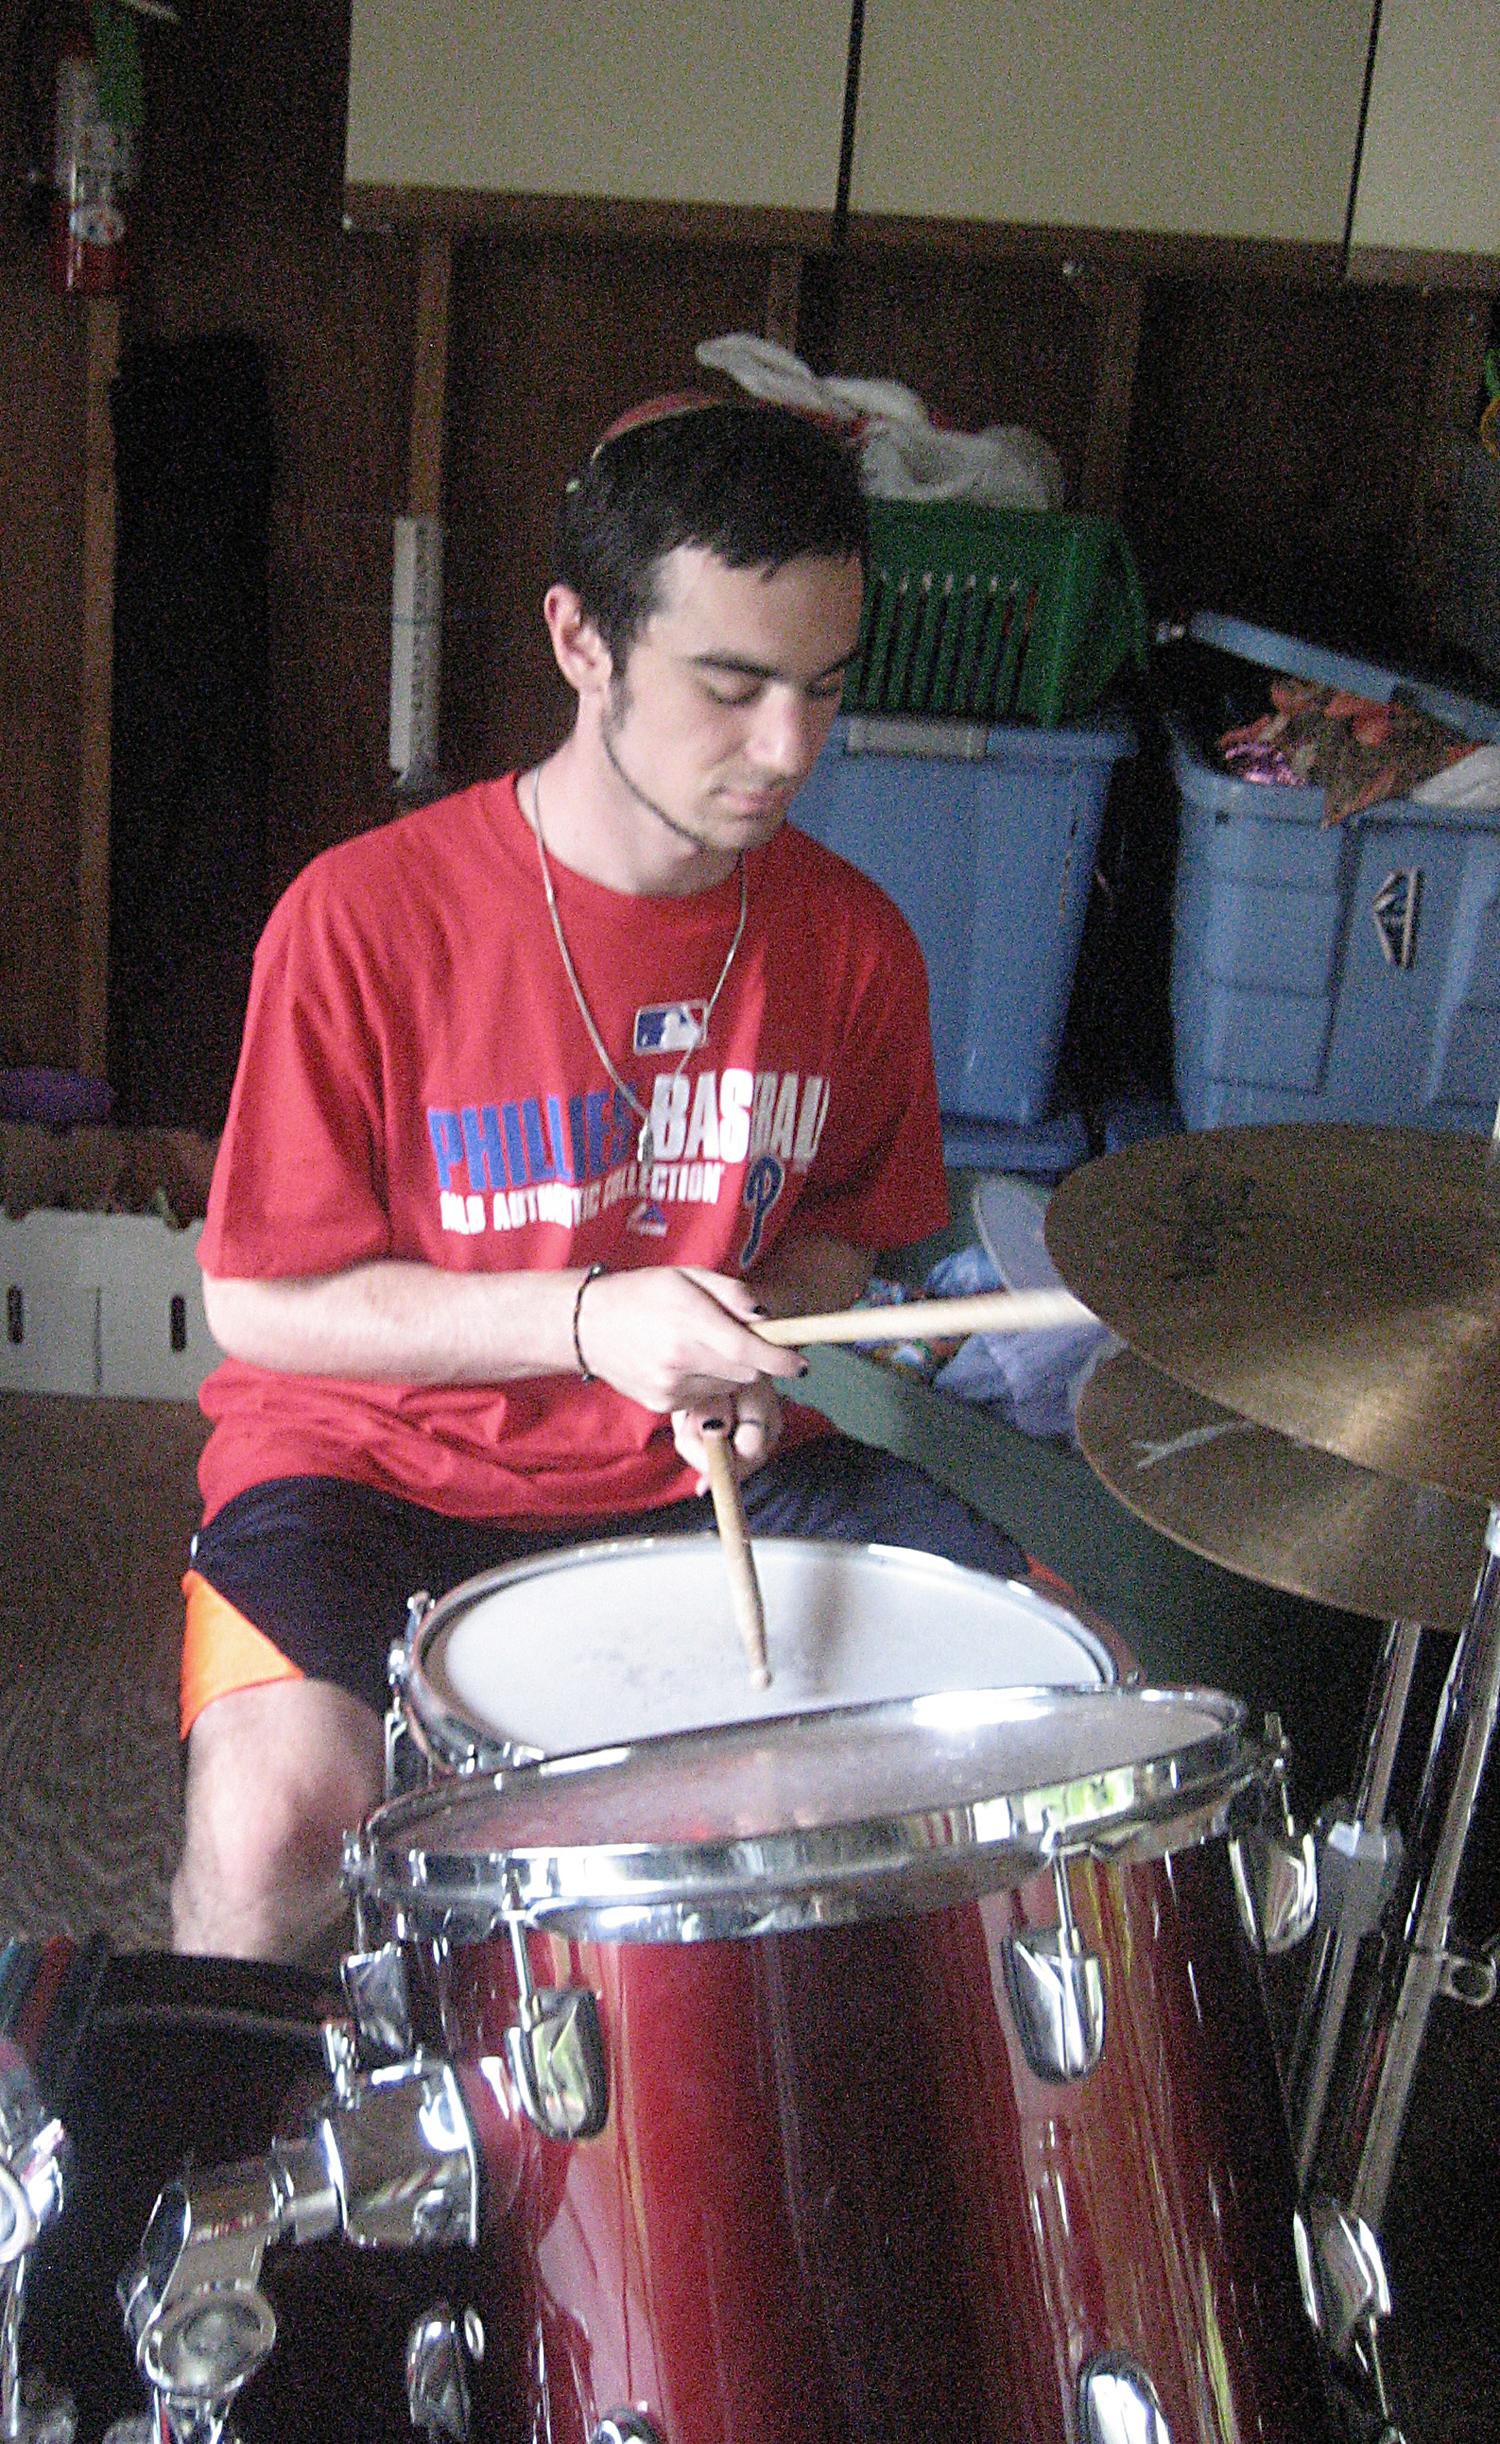 Drummer_080415_IMG_9406.jpg